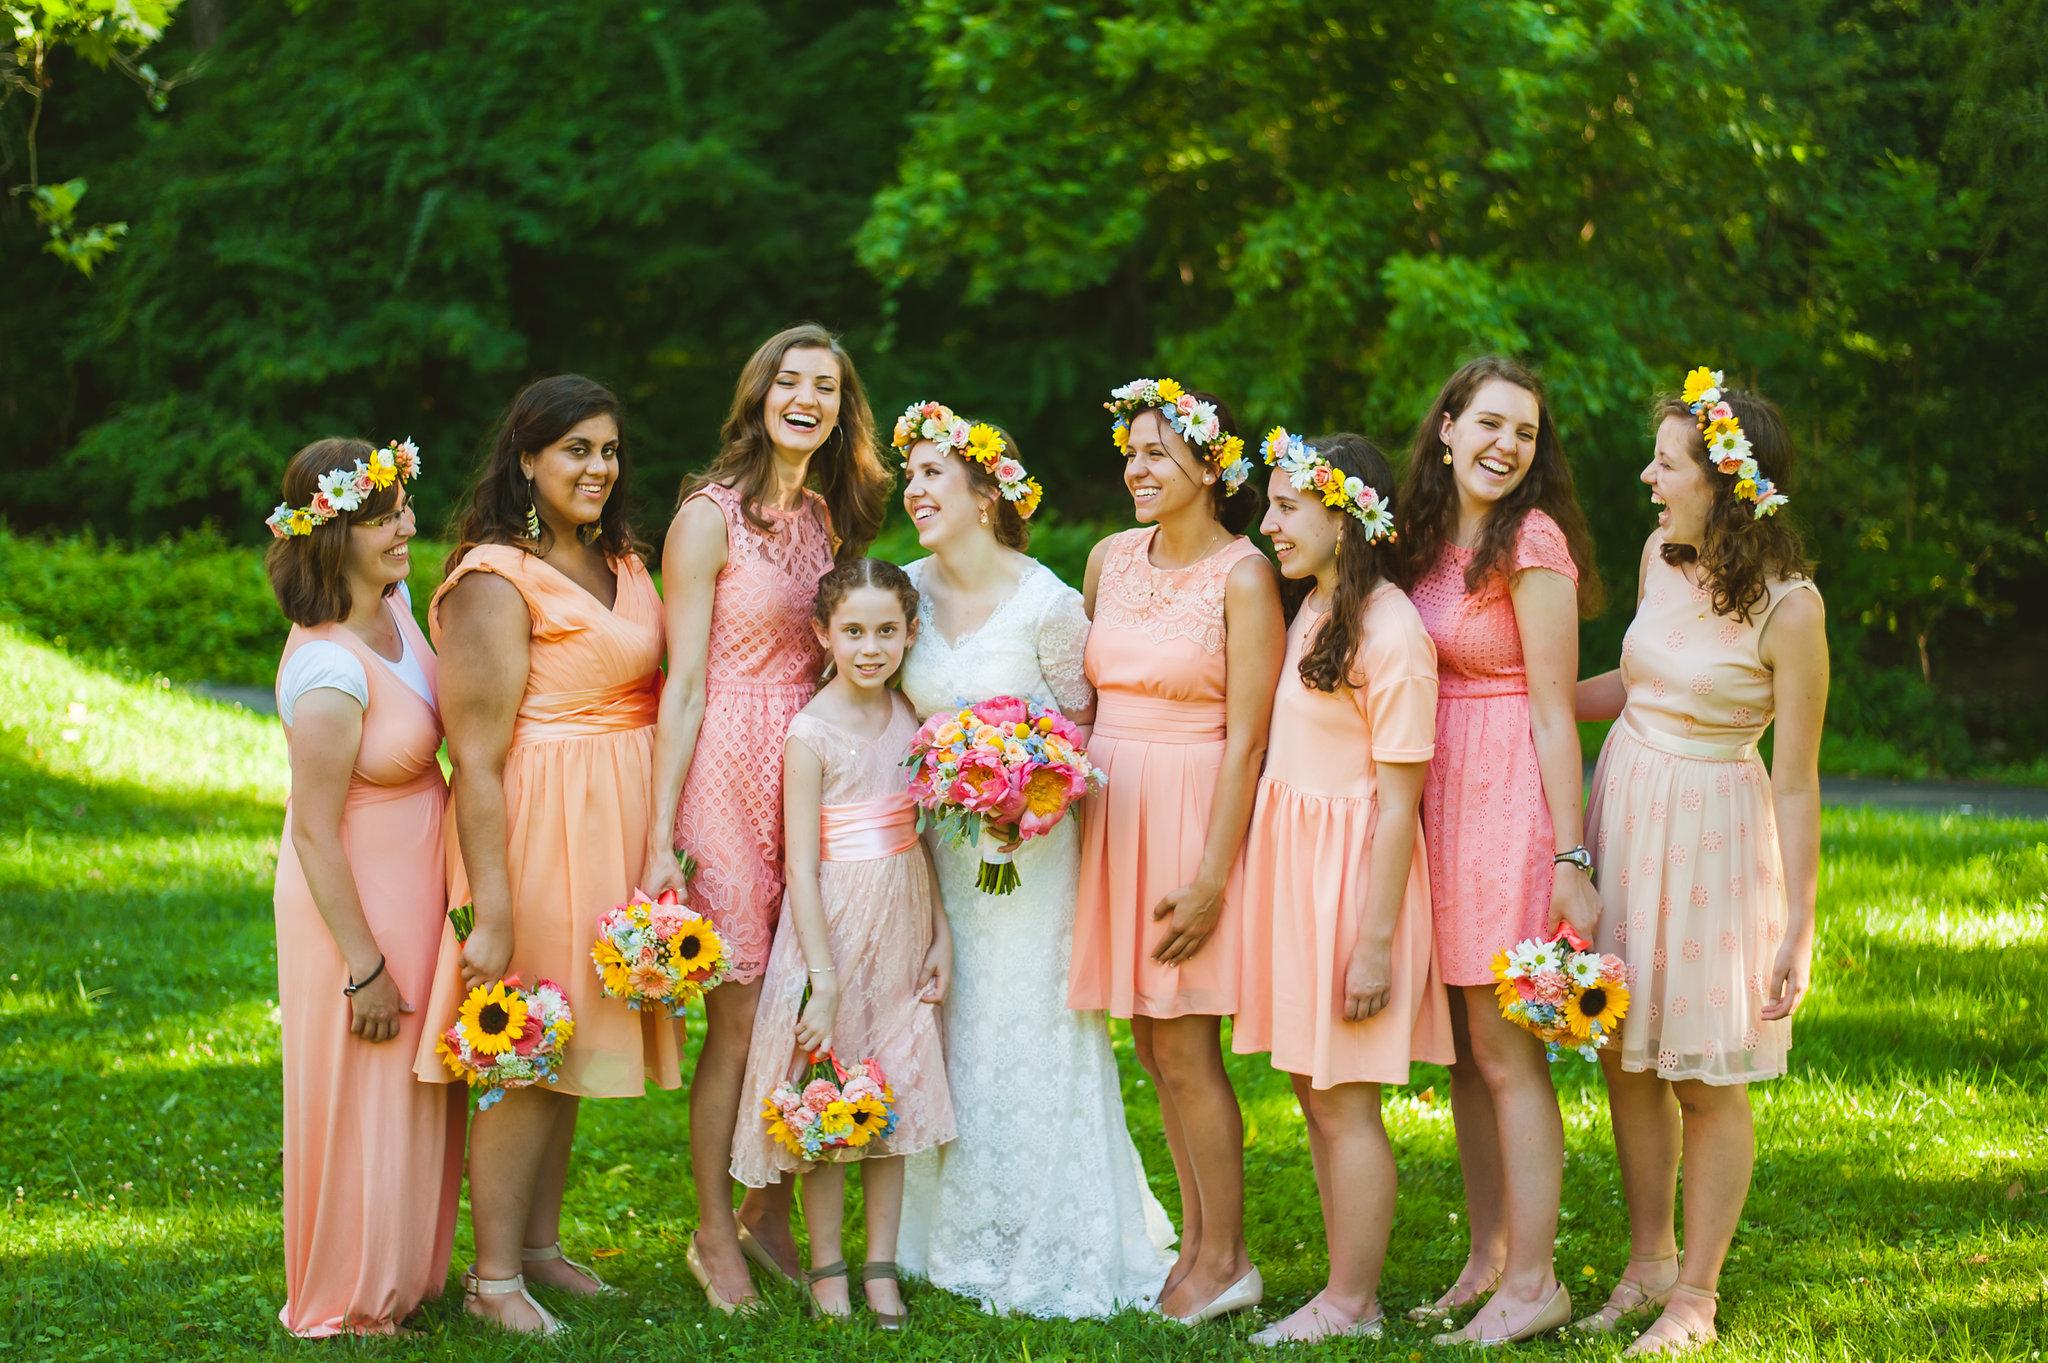 Bride and Bridesmaids Peach wedding